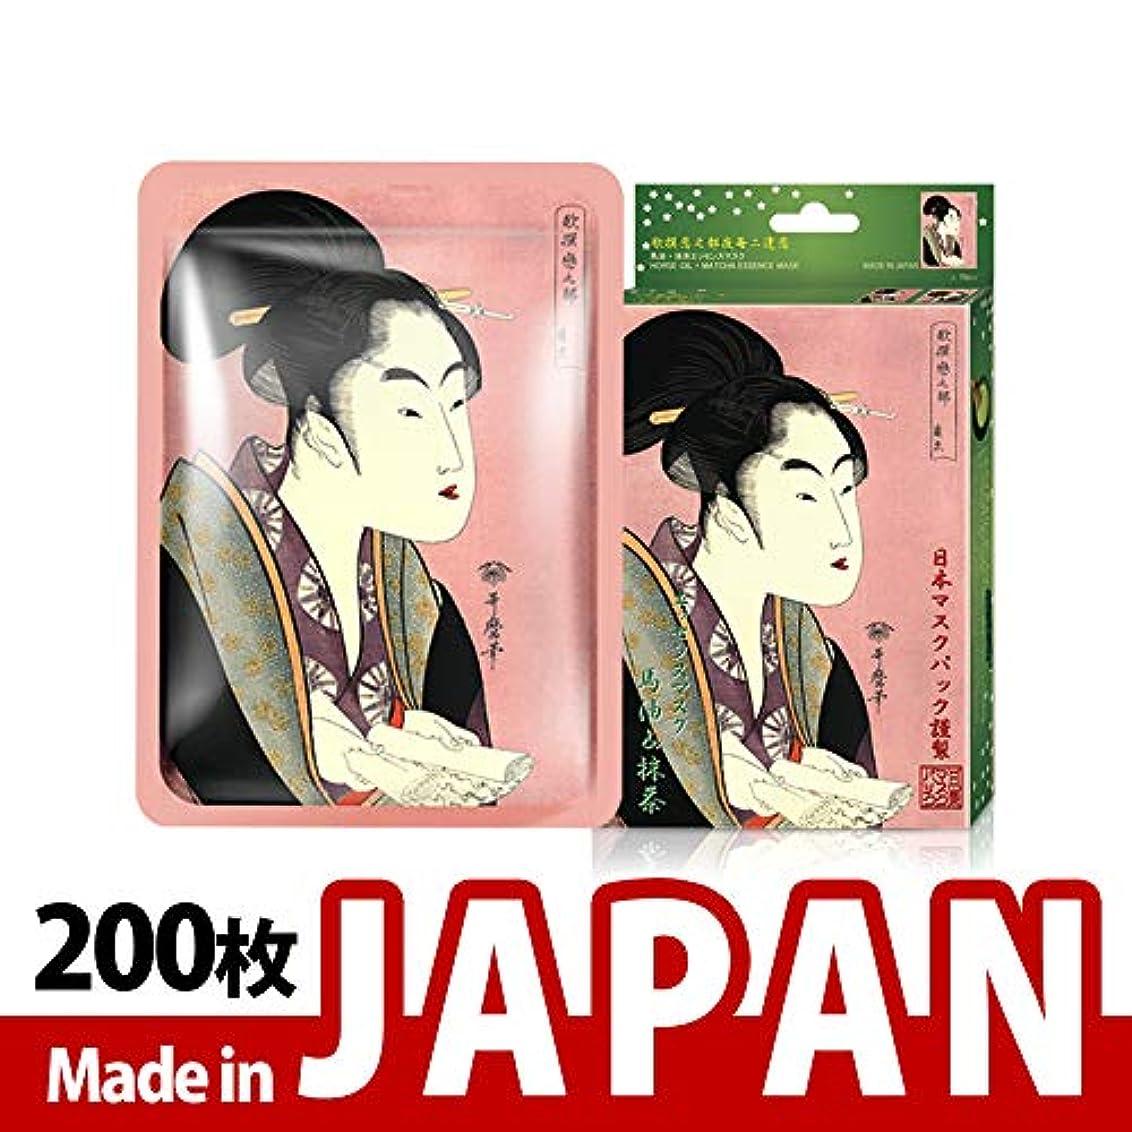 脱走マキシムサスペンションMITOMO【JP005-A-0】日本製シートマスク/10枚入り/200枚/美容液/マスクパック/送料無料